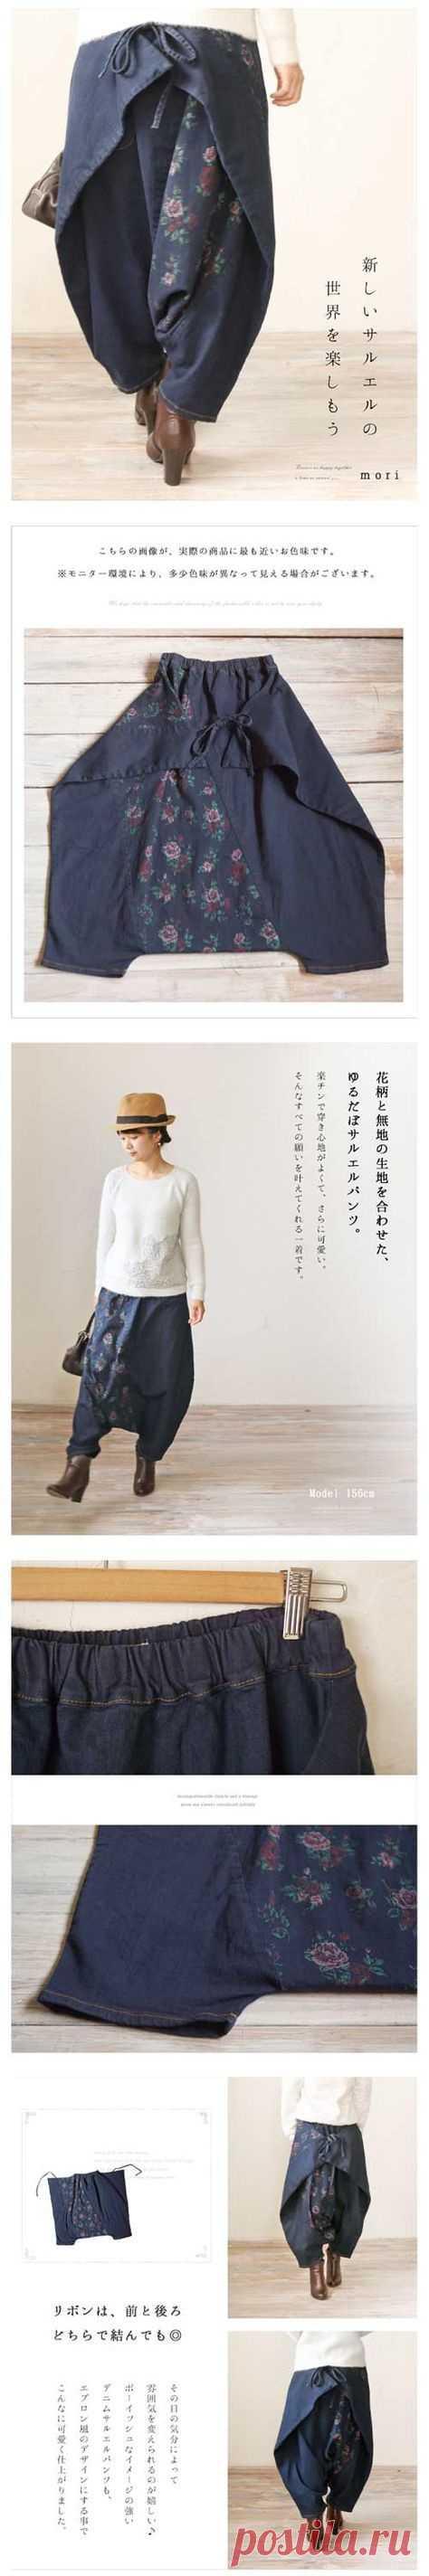 Брюки-пузырек Модная одежда и дизайн интерьера своими руками